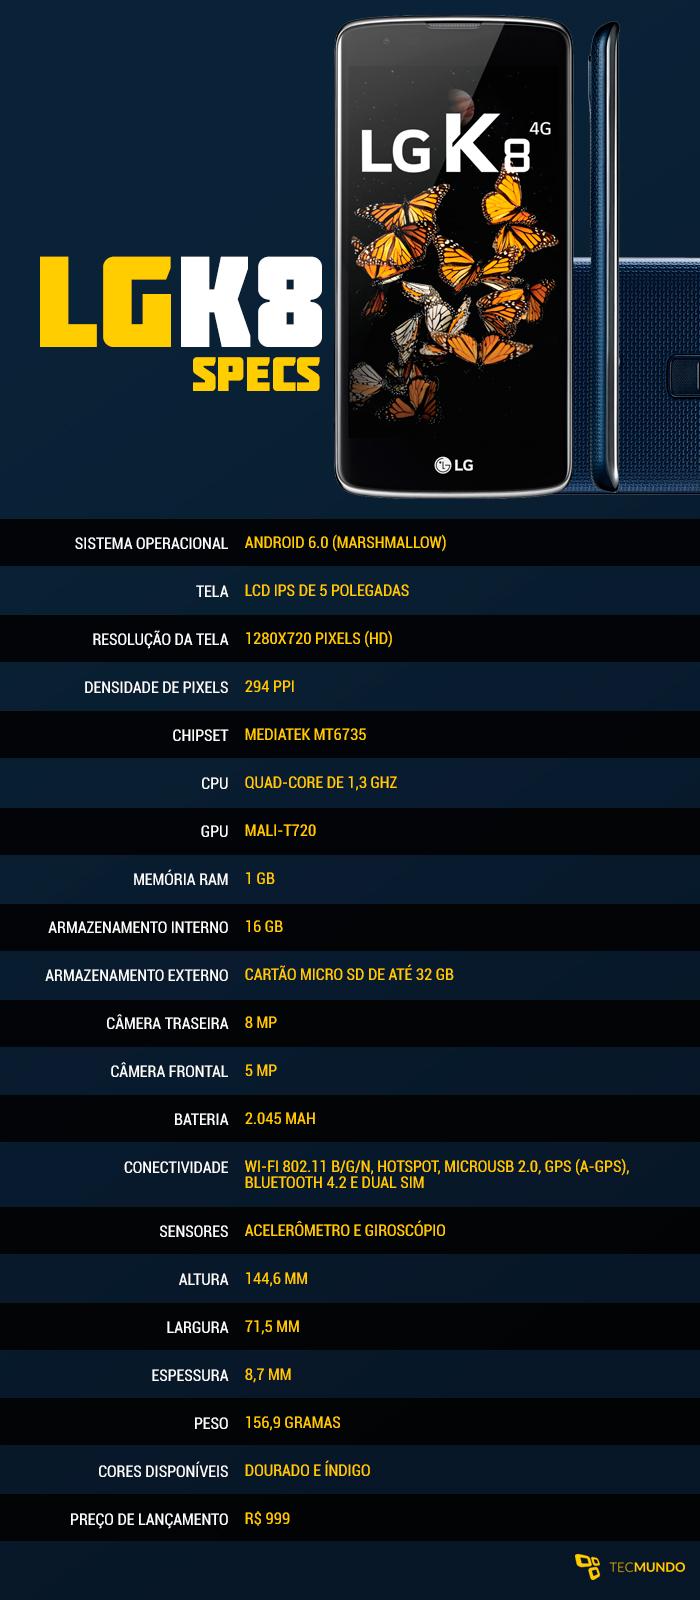 Review Smartphone Lg K8 4g Vdeo Tecmundo 8gb K350 Especificaes Tcnicas Do